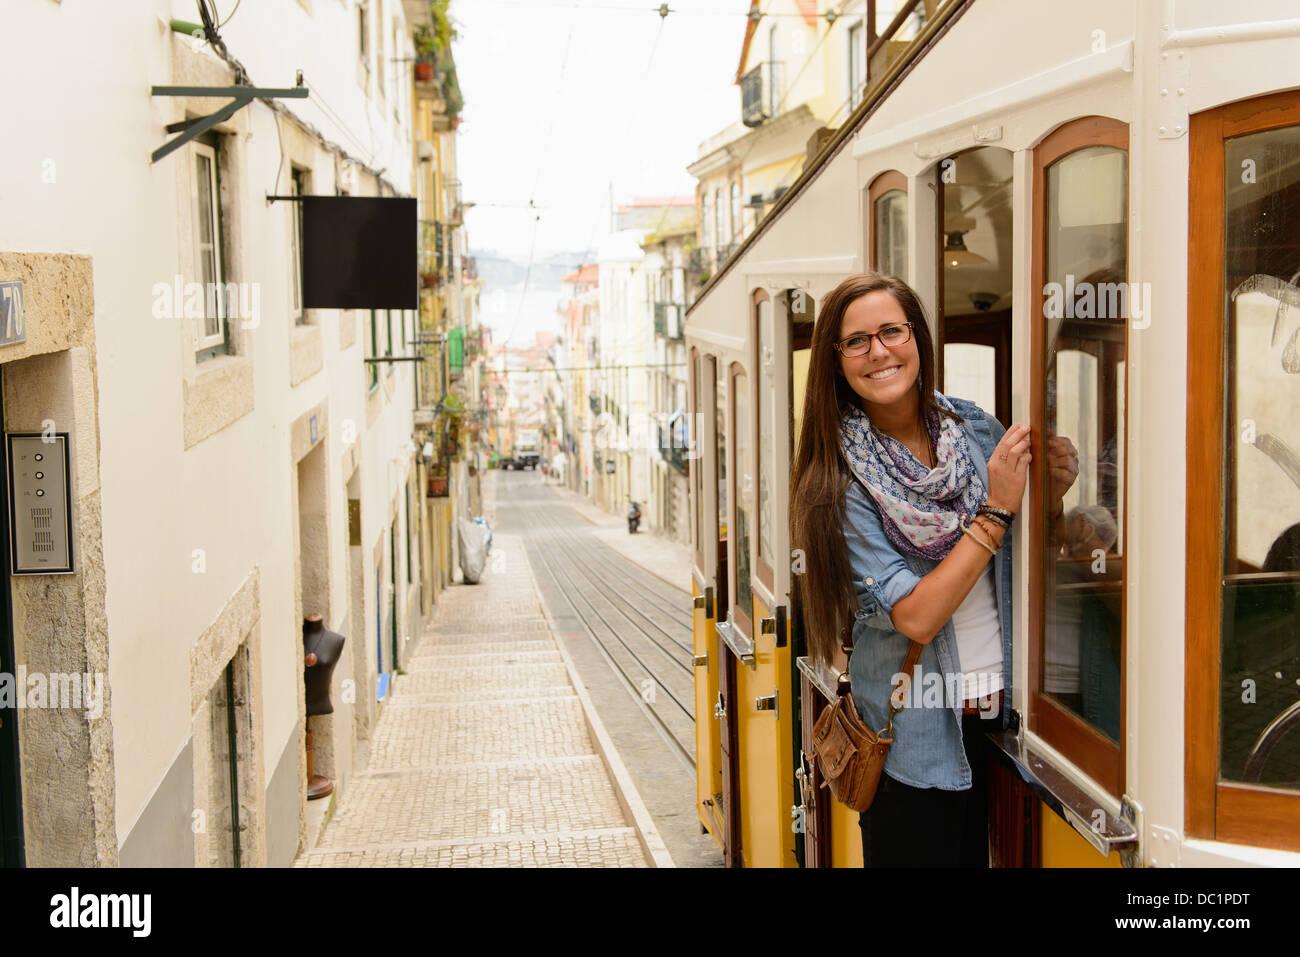 Ritratto di giovane donna di equitazione turistico tram a Lisbona, Portogallo Immagini Stock